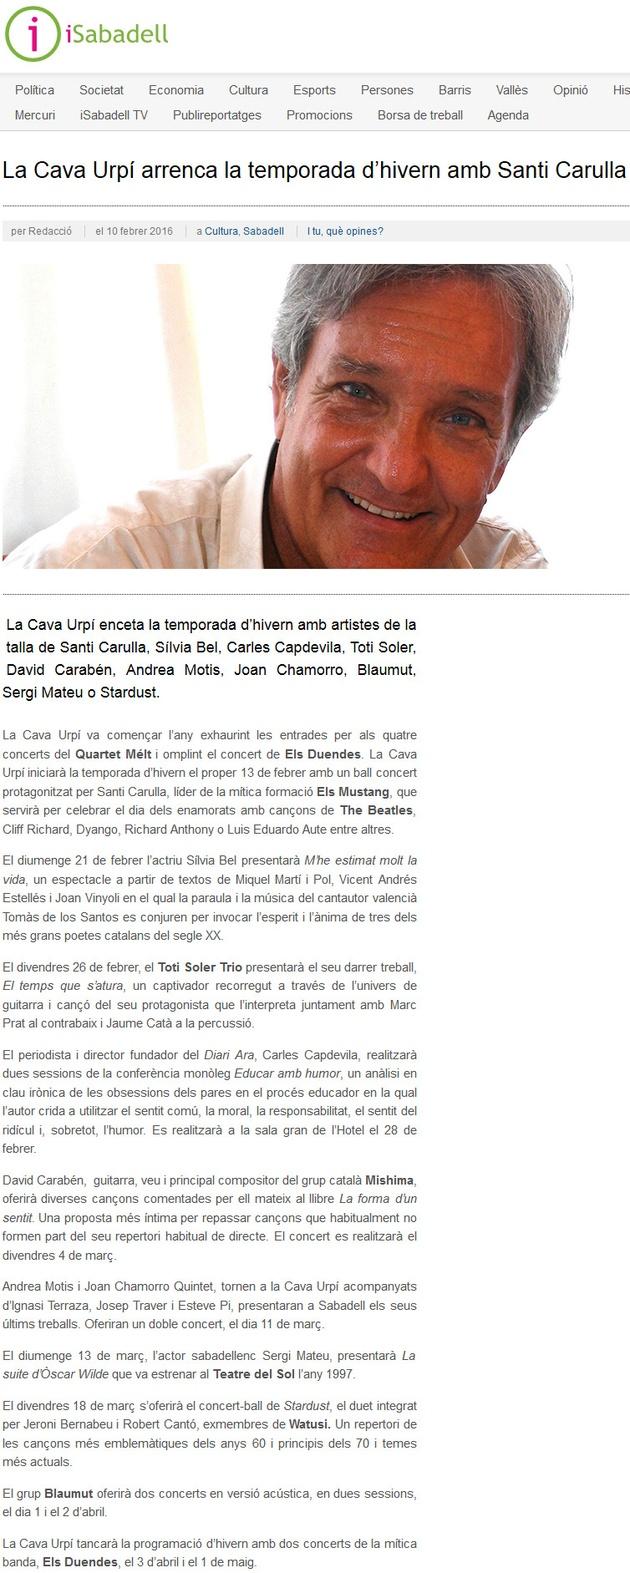 iSabadell: CAVAURPÍ arrenca la temporada d'hivern amb Santi Carulla